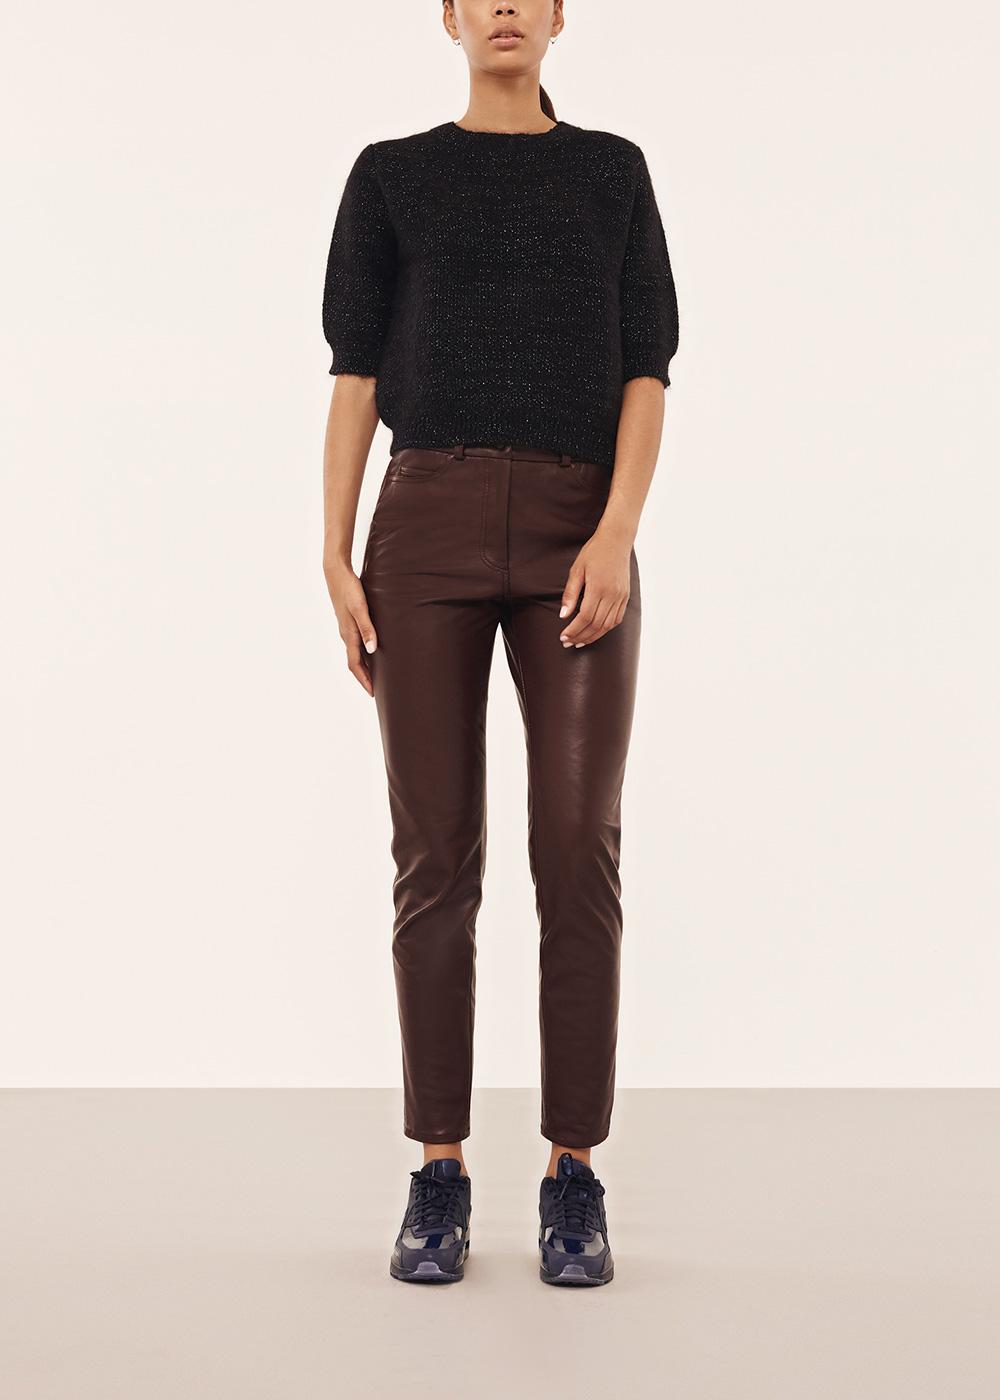 Black Short Sleeved Knit Jumper - Alexander Lewis